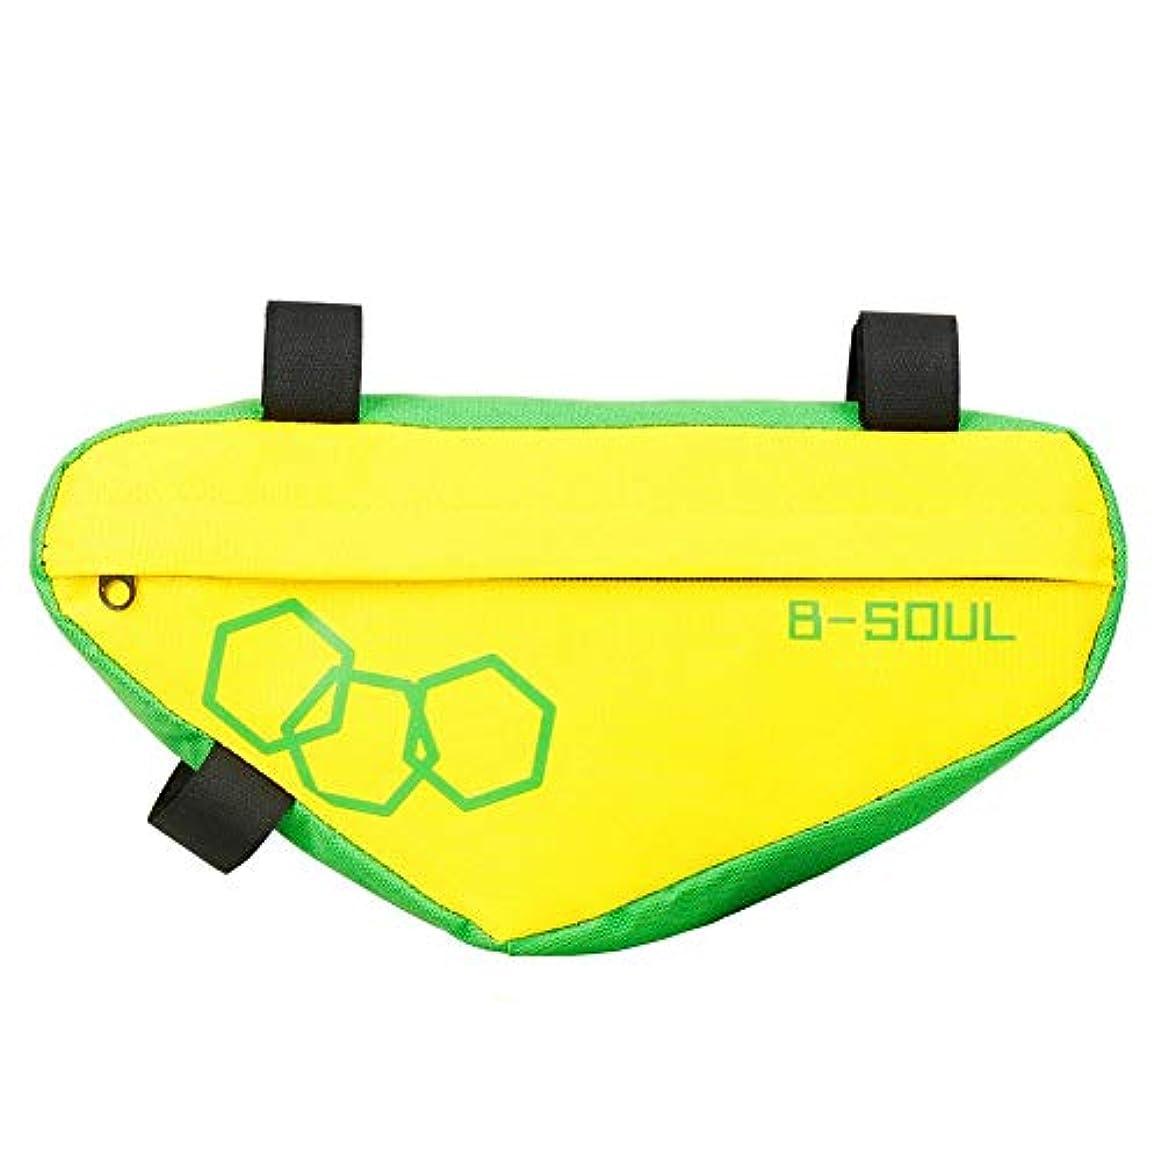 つぶす拮抗曖昧なk-outdoor フレームバッグ フロントバッグ 自転車 バッグ チューブパック サイクルバッグ 防水